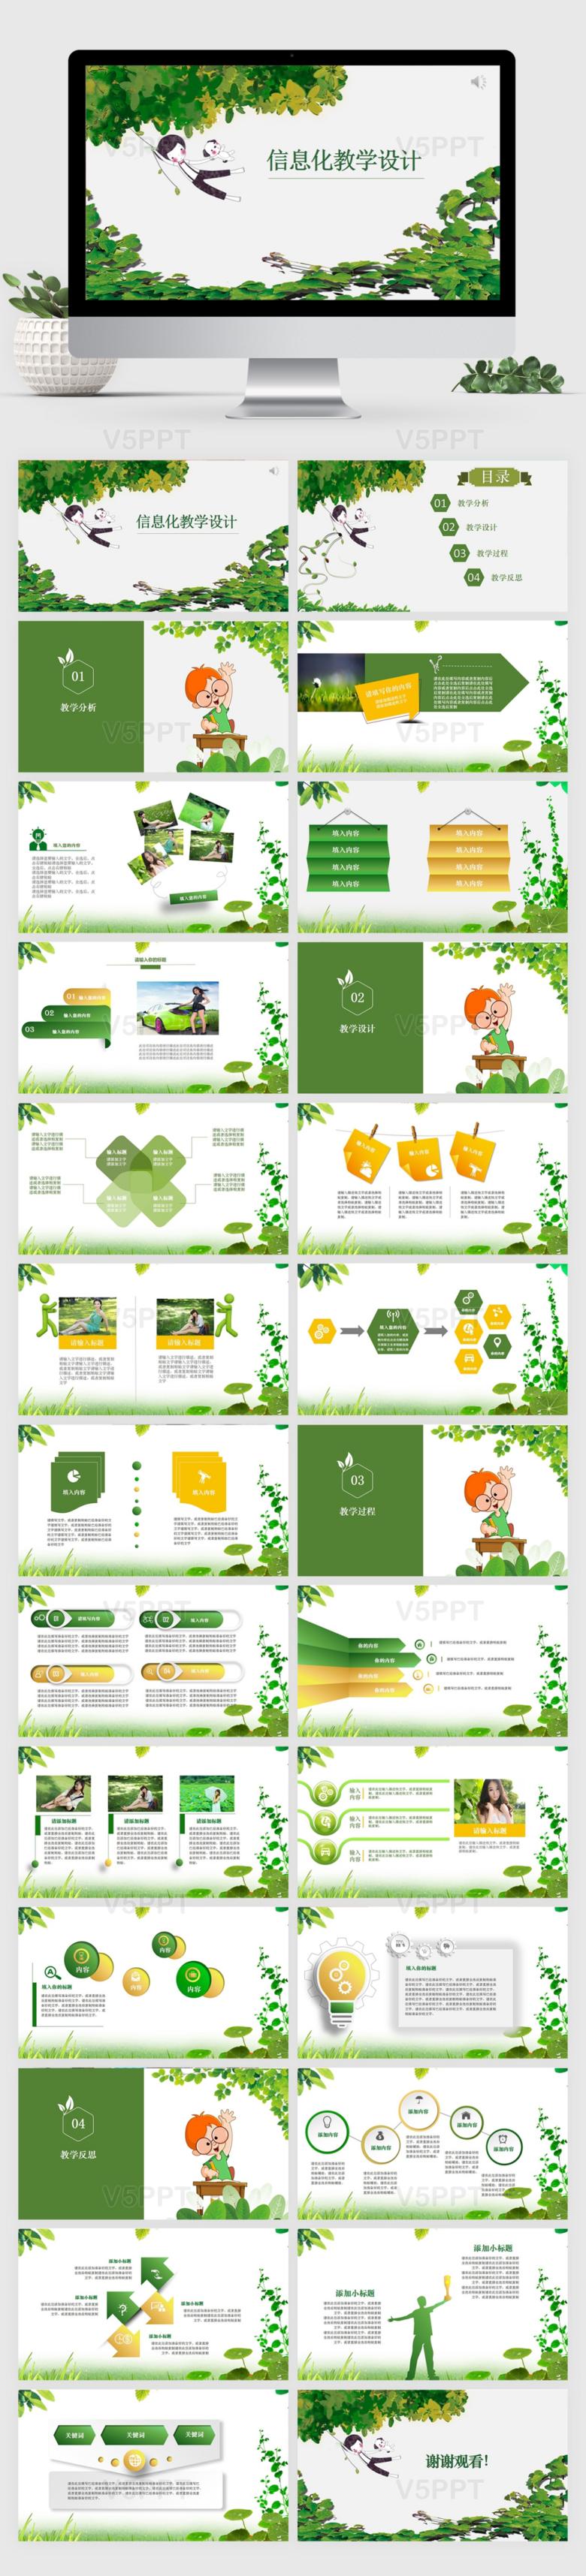 绿色简约信息化教学设计PPT模板